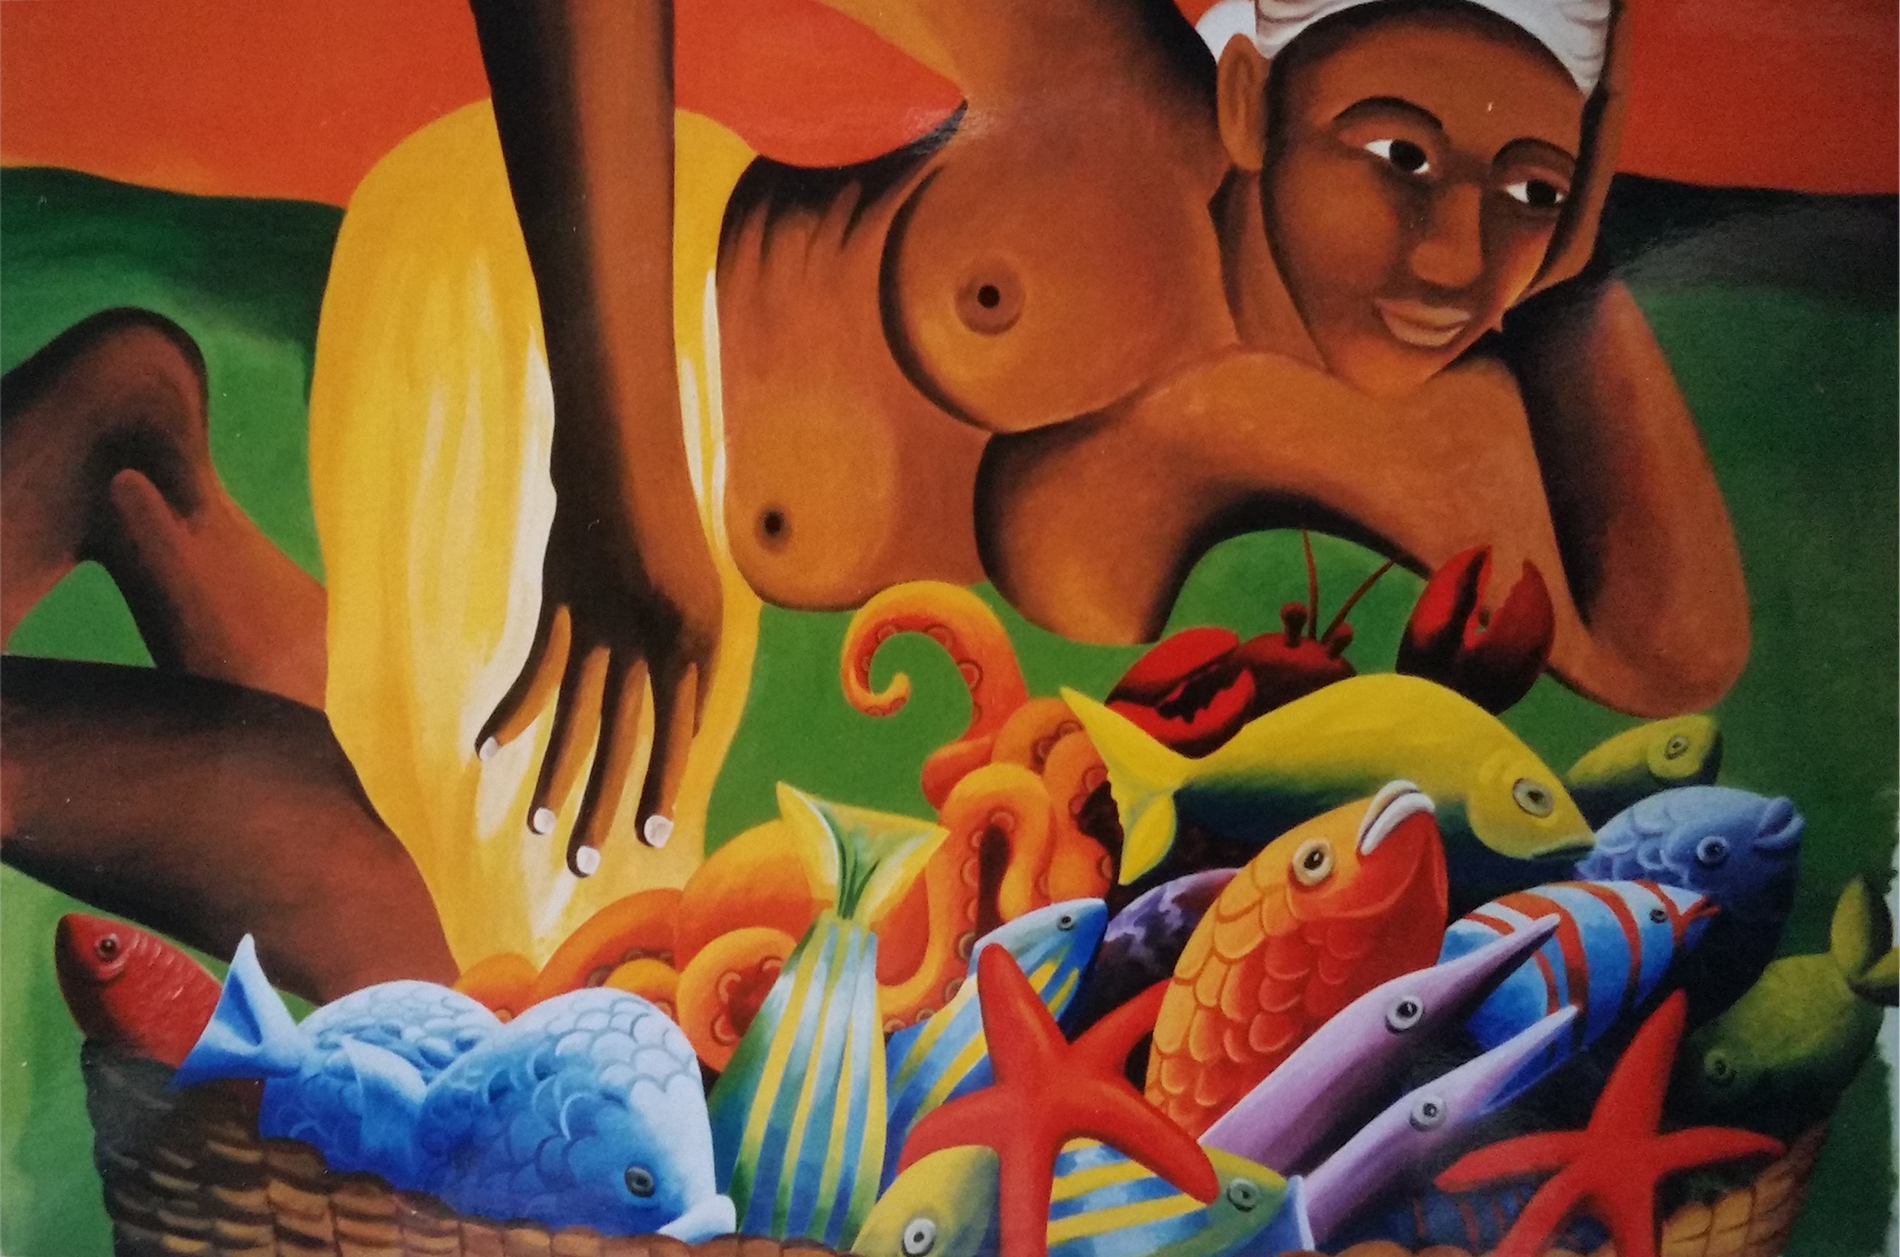 Ristorante Anguilla Caraibi Tecnica mista. Colorazione ad acrilico su tela. Mq 20